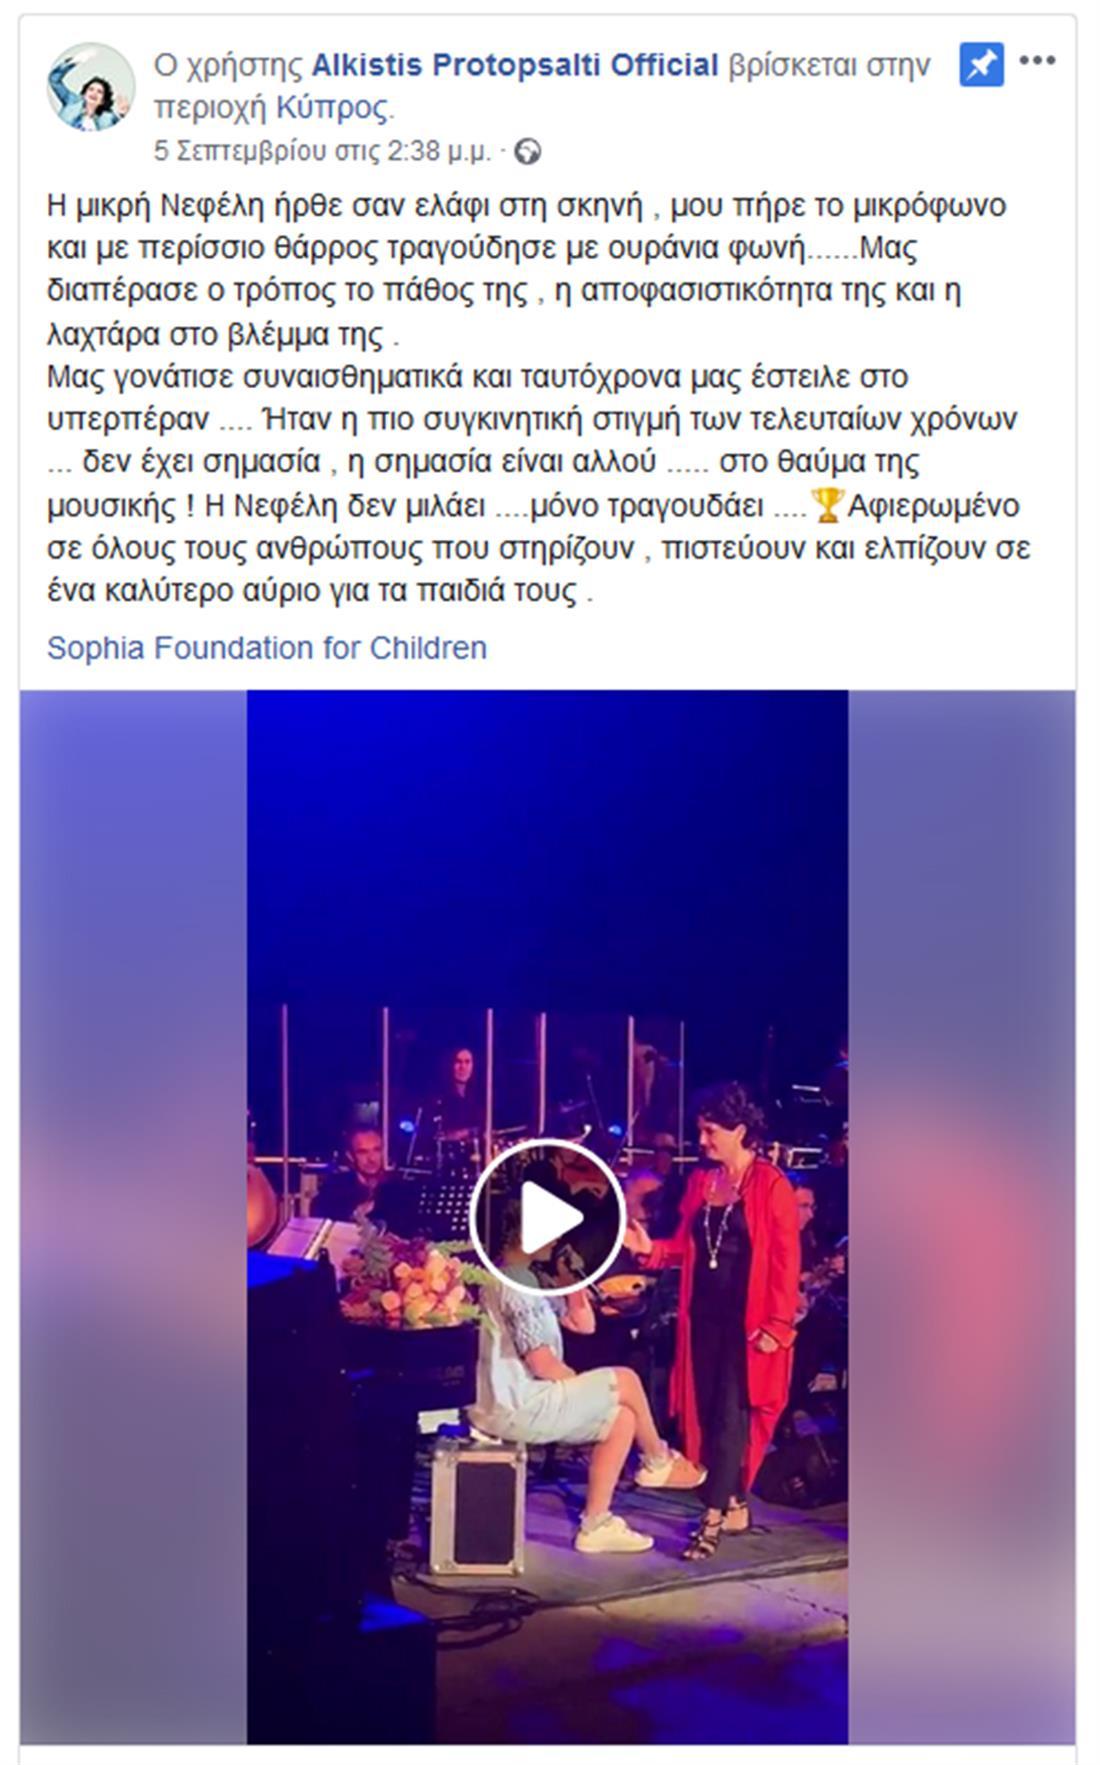 14χρονη Νεφέλη - συναυλία - Άλκηστις Πρωτοψάλτη